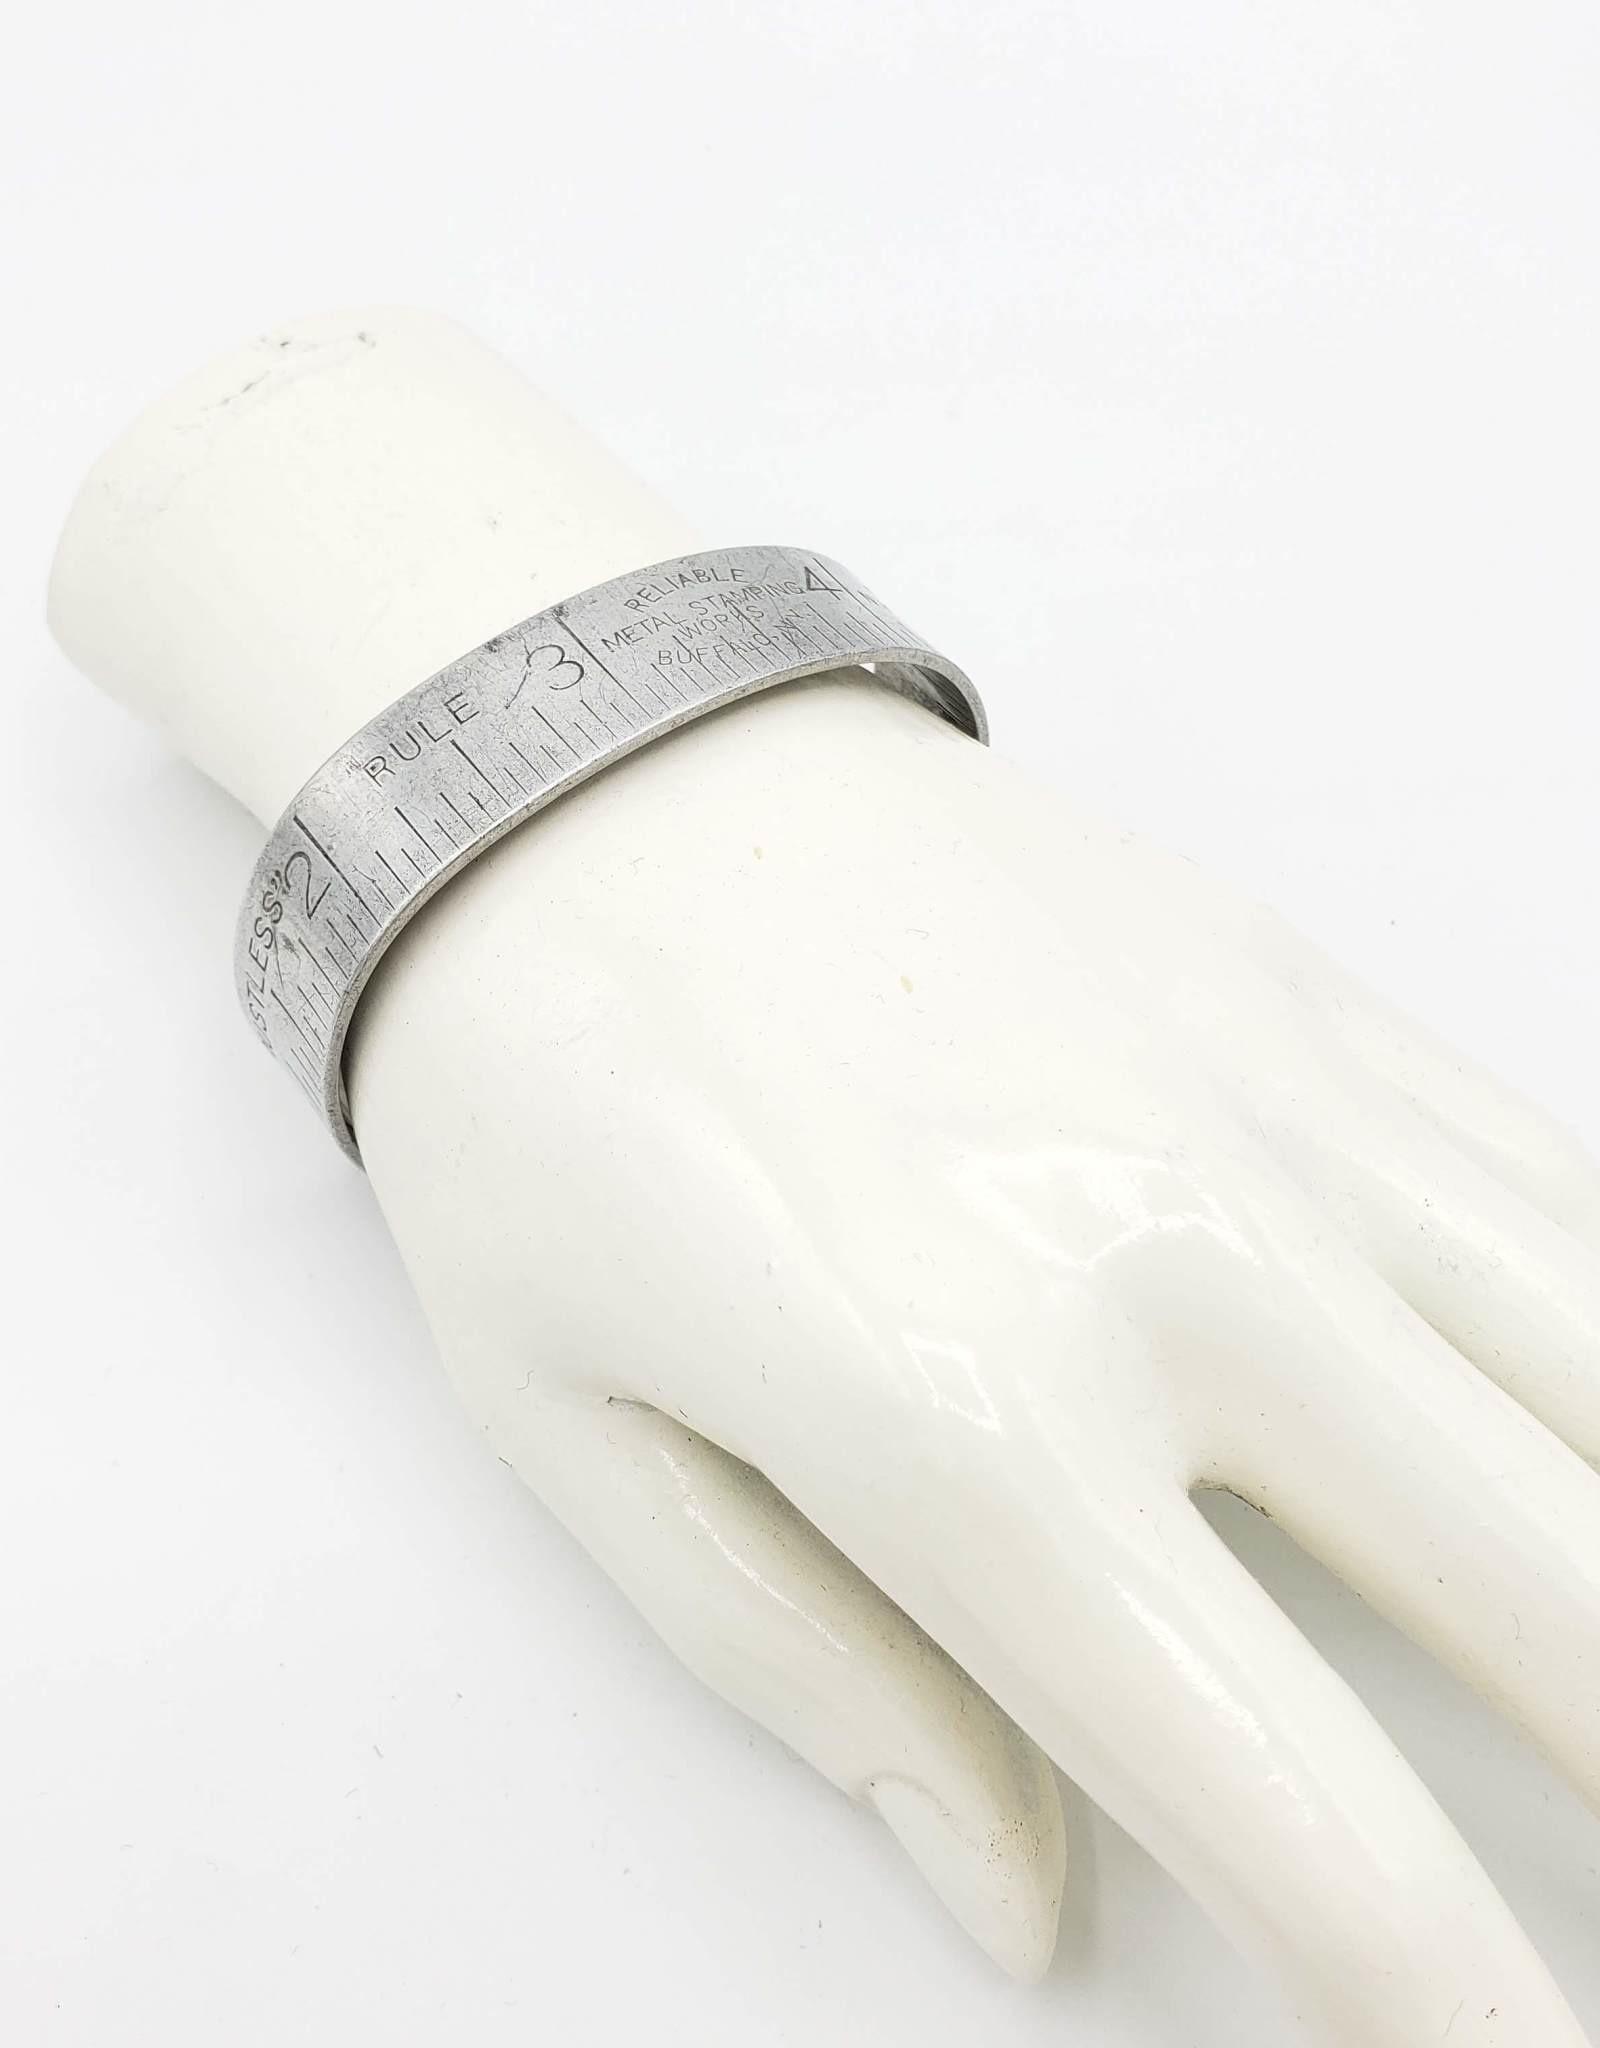 Fun Junk Ruler Cuff Bracelet